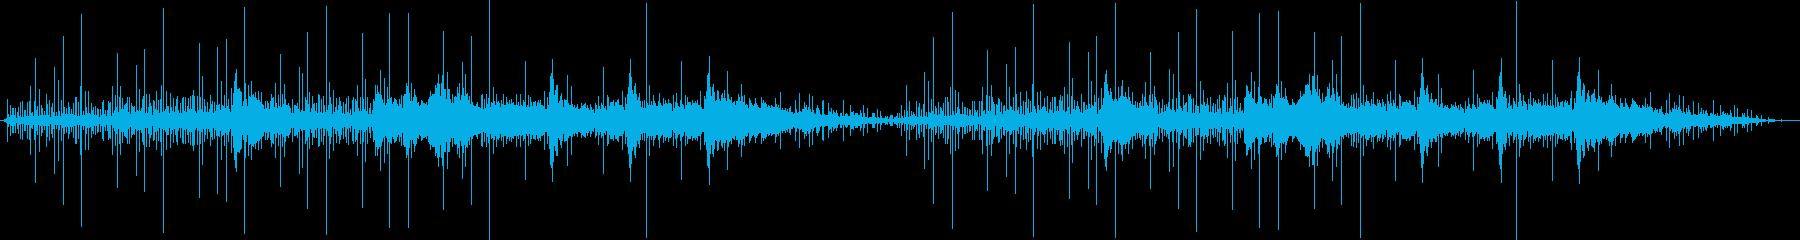 ニューエイジ研究所きらめく神秘的な...の再生済みの波形